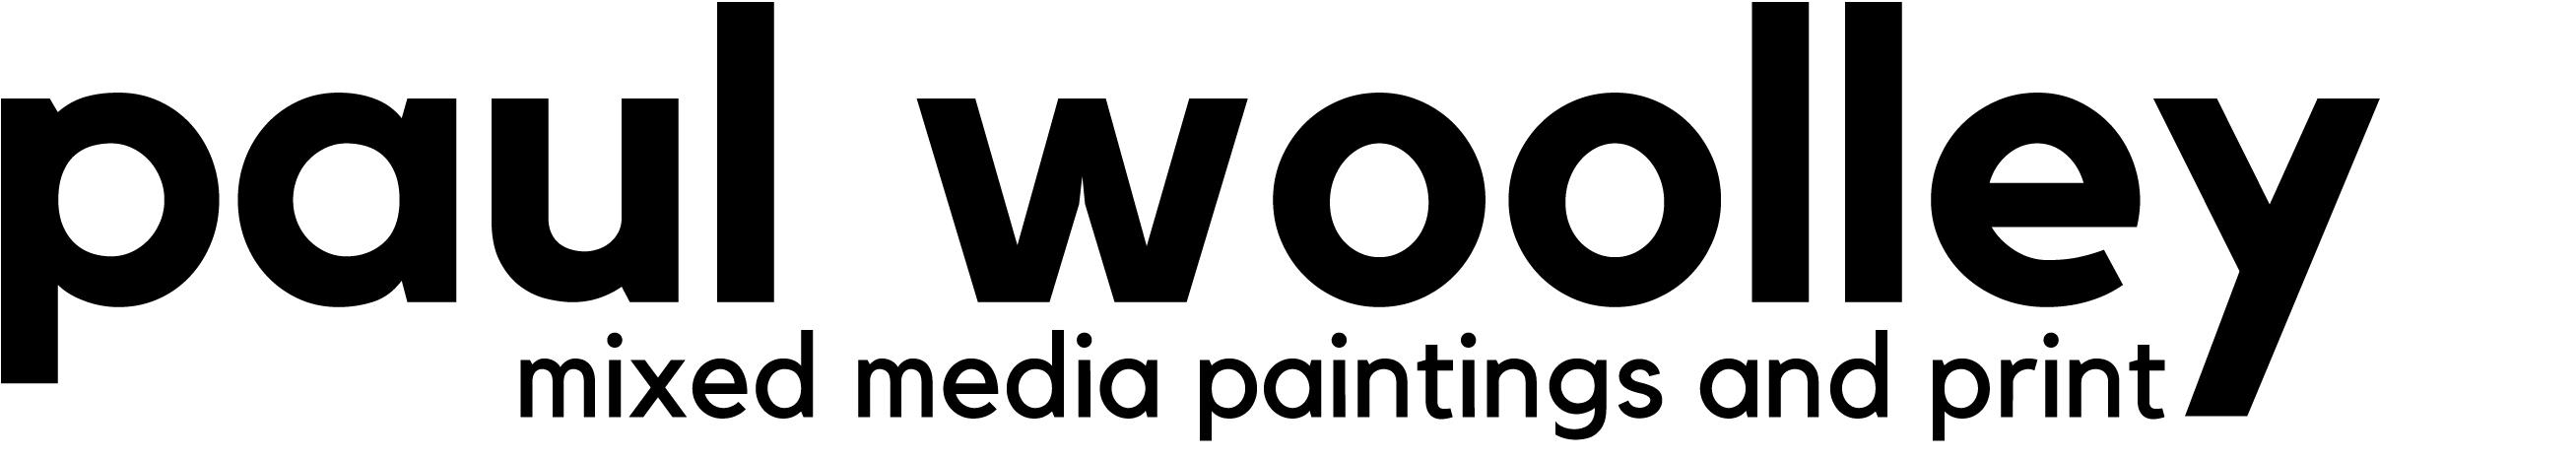 PAUL WOOLLEY